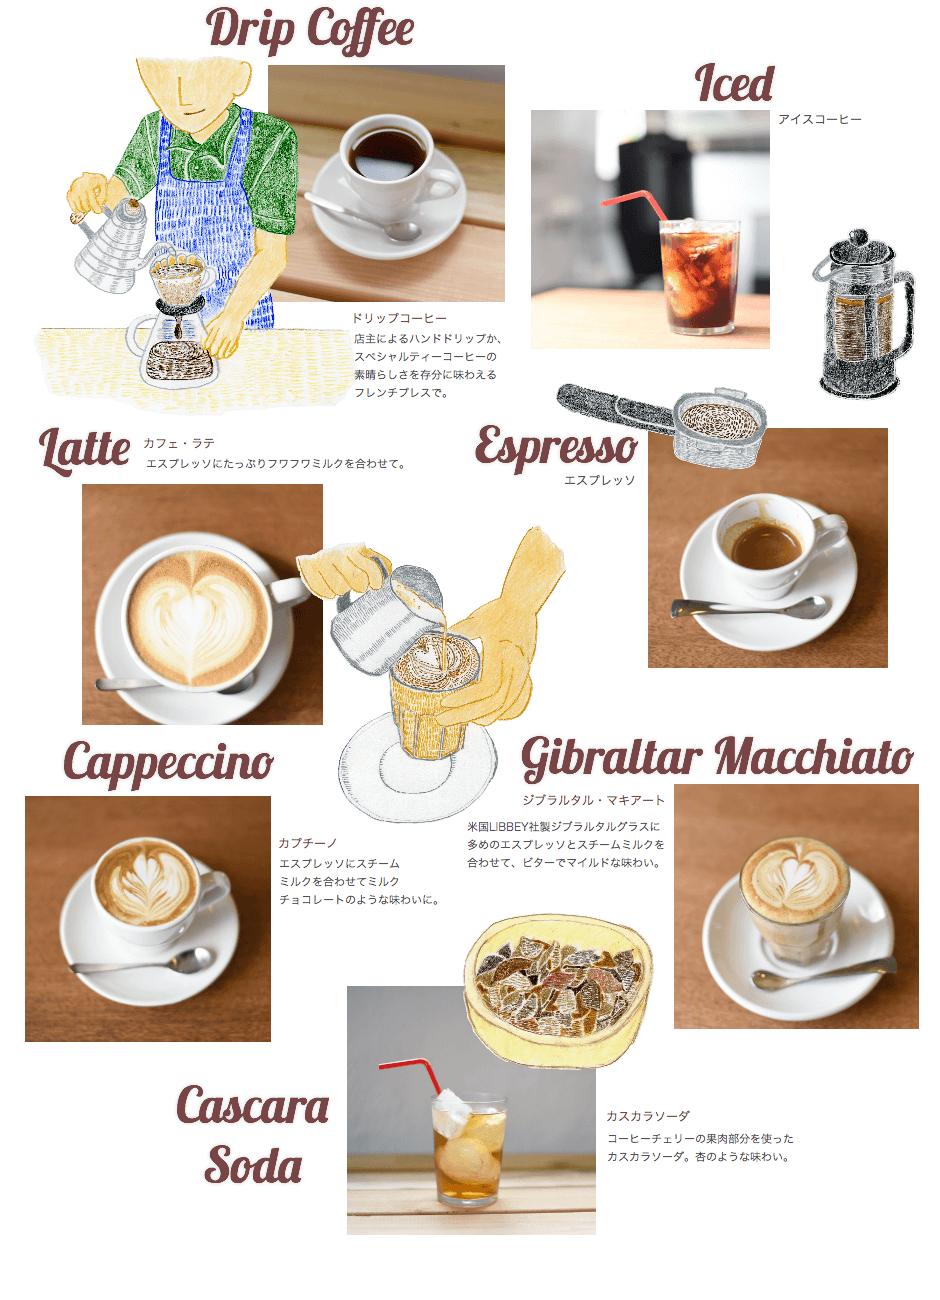 ドリップコーヒー アイスコーヒー カフェ・ラテ エスプレッソ カプチーノ ジブラルタル・マキアート カスカラソーダ